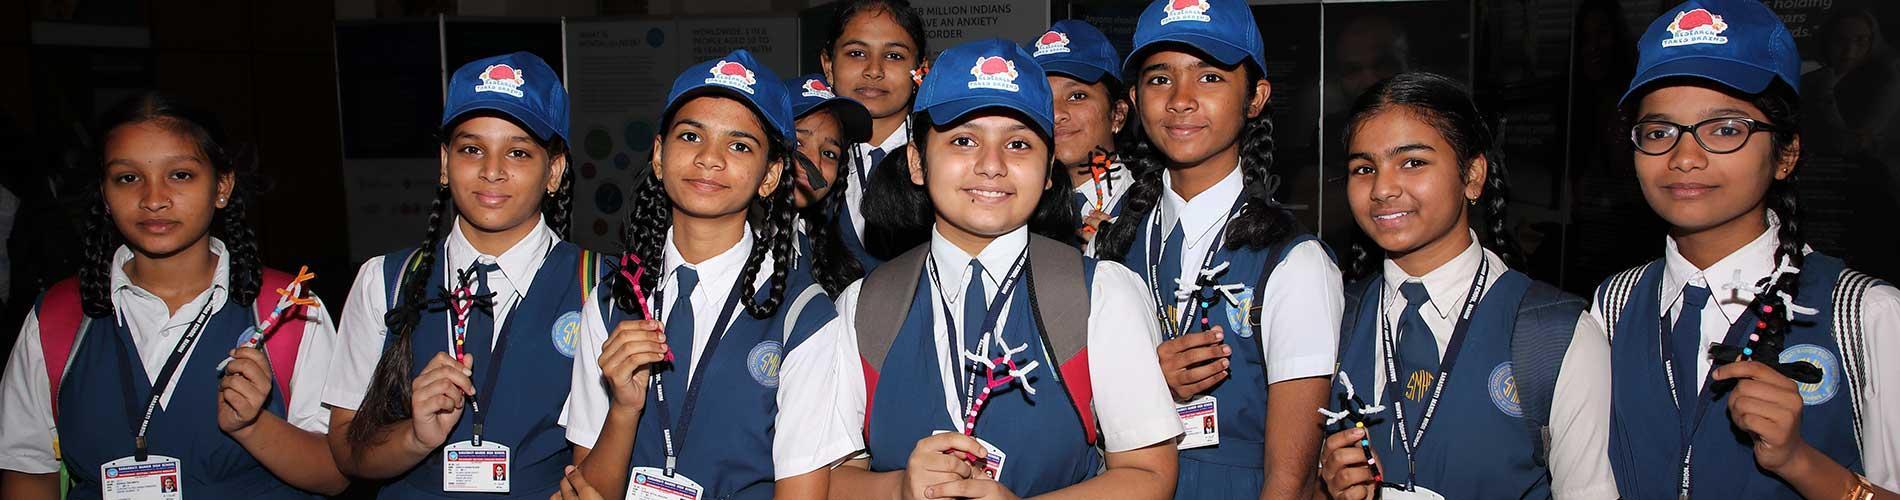 School children in India at museum exhibit